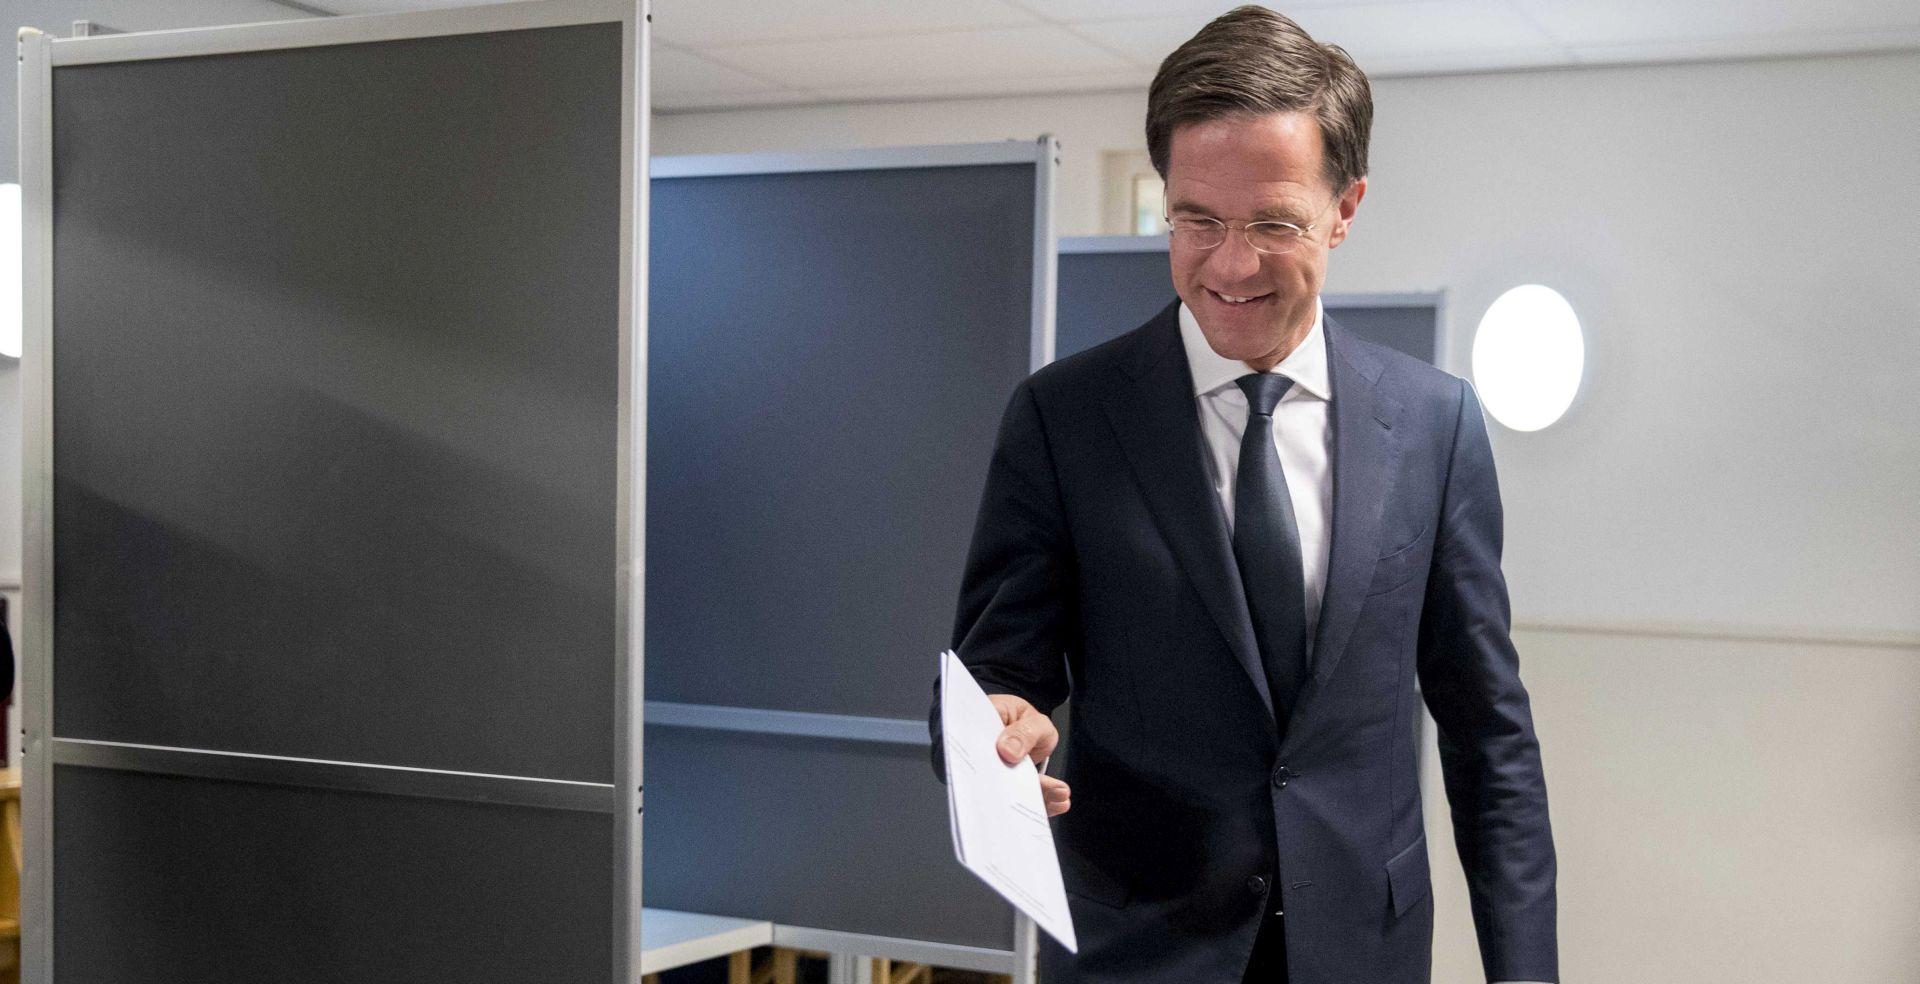 IZLAZNE ANKETE Rutte u vodstvu, desničar Wilders podbacio